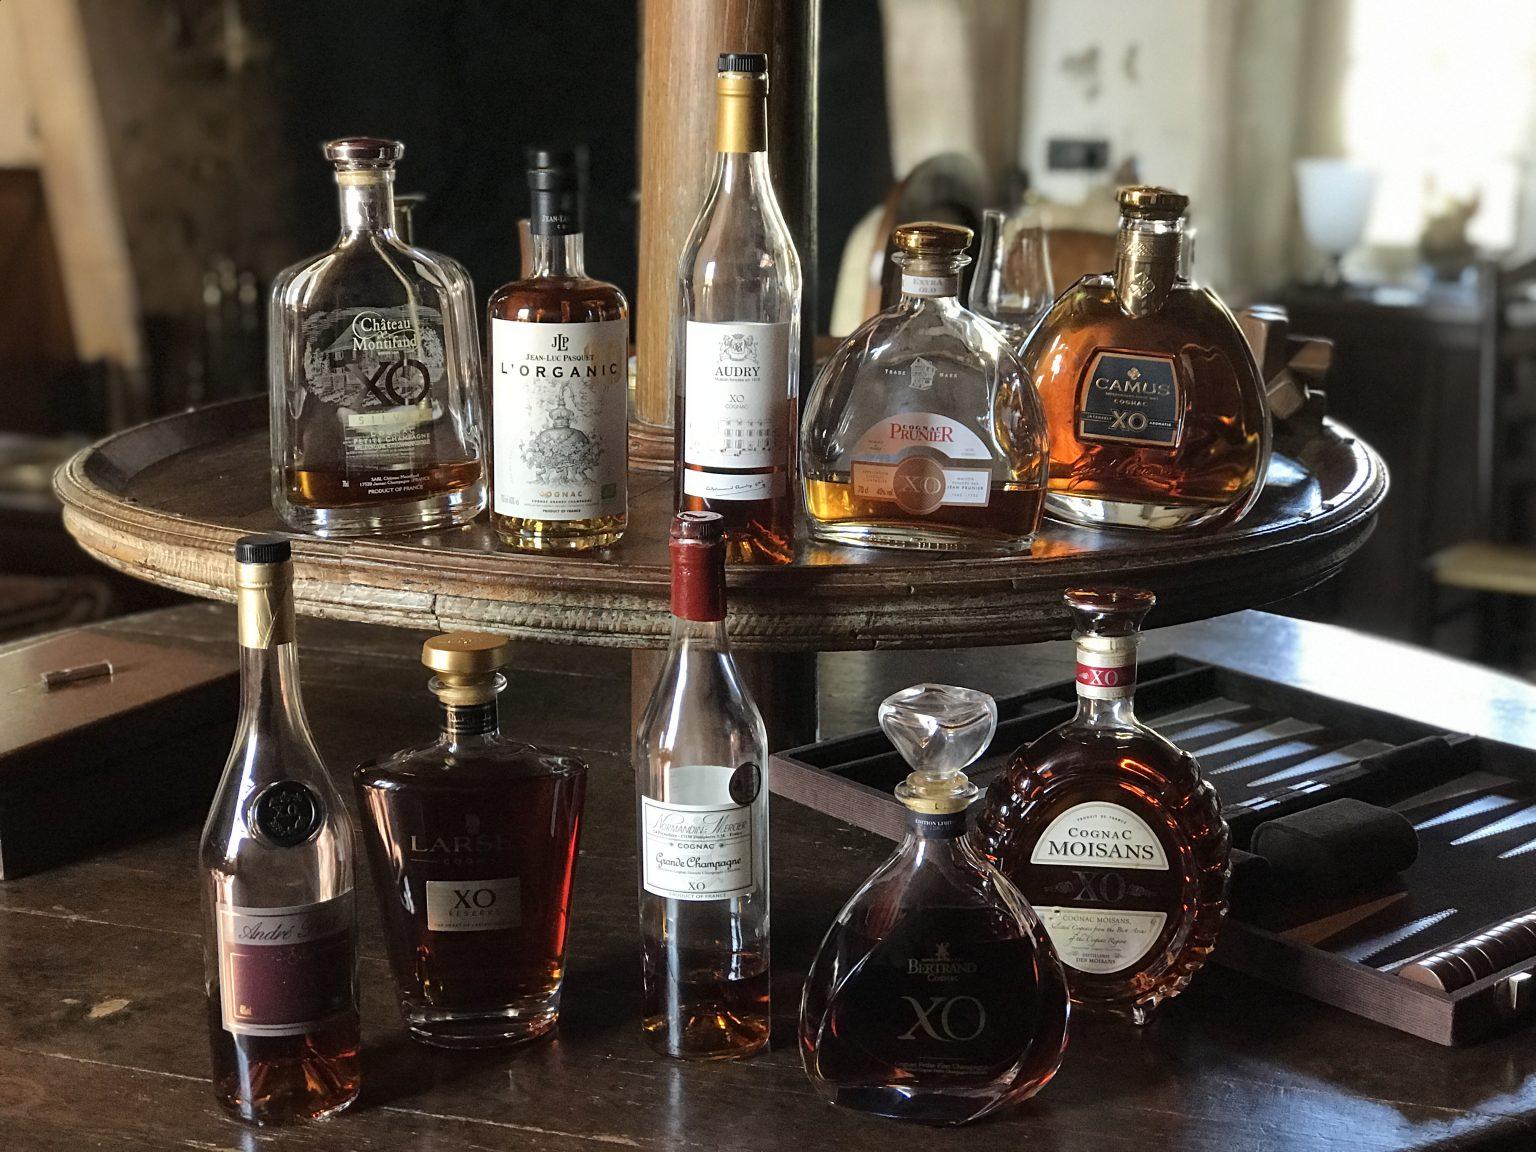 Ein Blick auf die 10 von uns verkosteten XO Cognacs